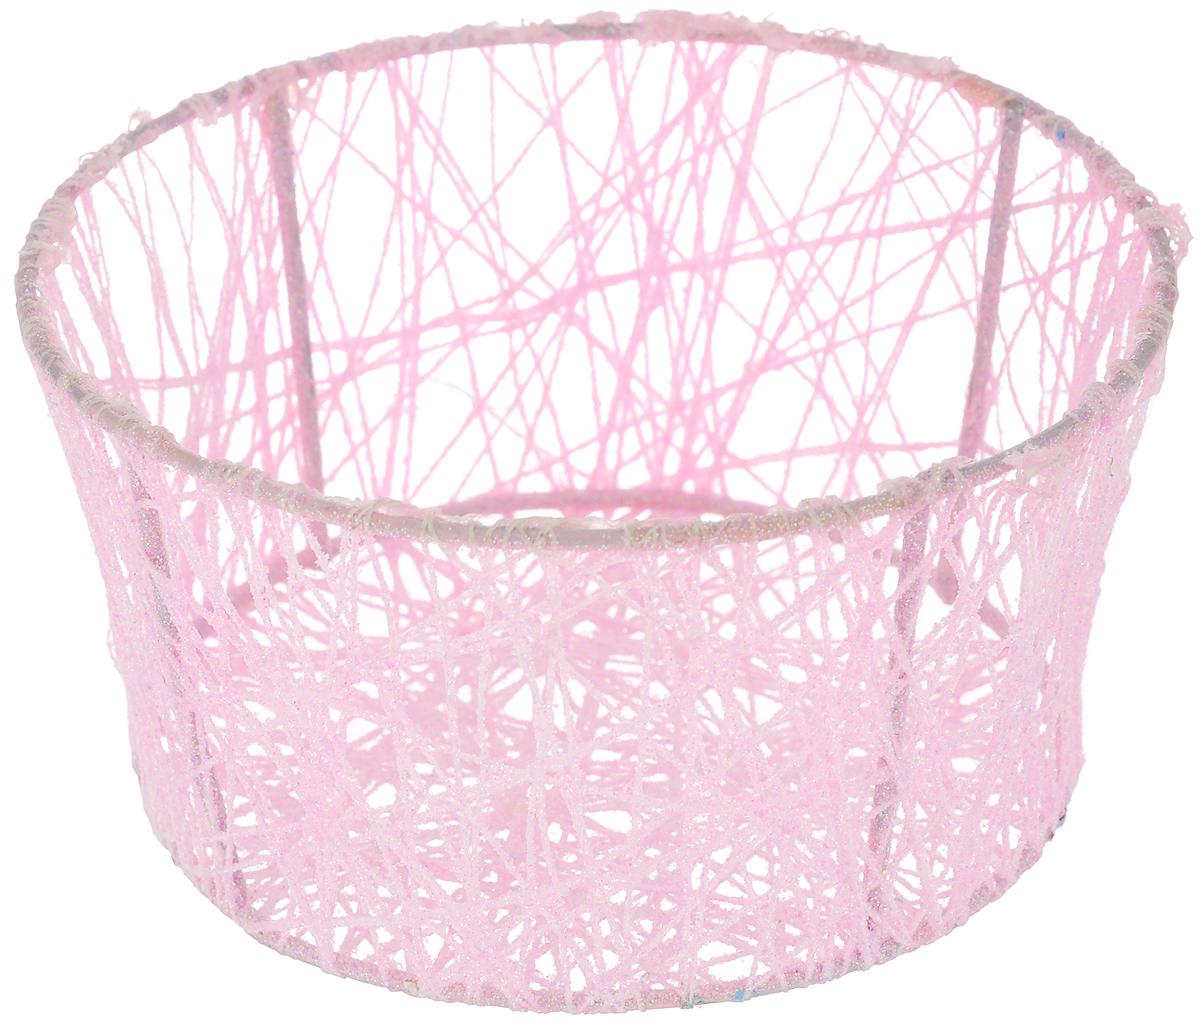 Корзина декоративная Home Queen Паутинка, цвет: розовый, диаметр 14 см66827_2Декоративная корзинка Home Queen Паутинка прекрасно подойдет для хранения пасхальных яиц, а также различных мелочей. Корзинка имеет металлический каркас, обтянутый нитями из полиэстера. Блестки придают изделию особый праздничный вид. Такая корзинка украсит интерьер дома к Пасхе, внесет частичку тепла и веселья в ваш дом.